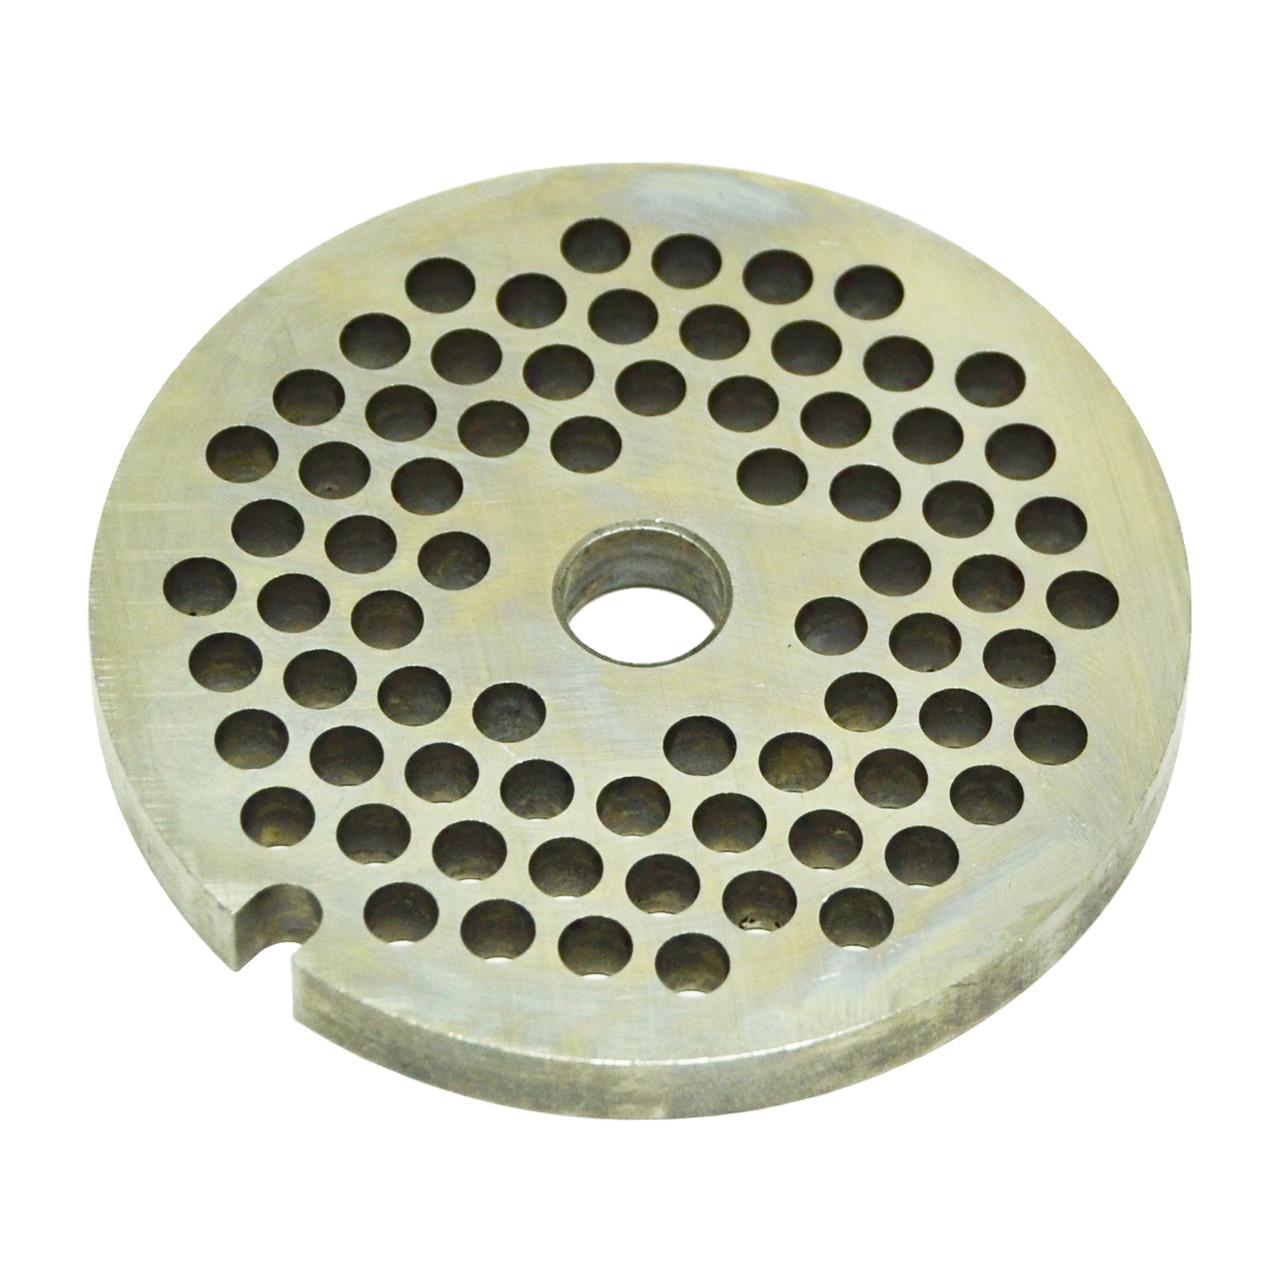 Решетка для мясорубки Zelmer NR8 (отверстия 4 мм) 86.3161 / 755474